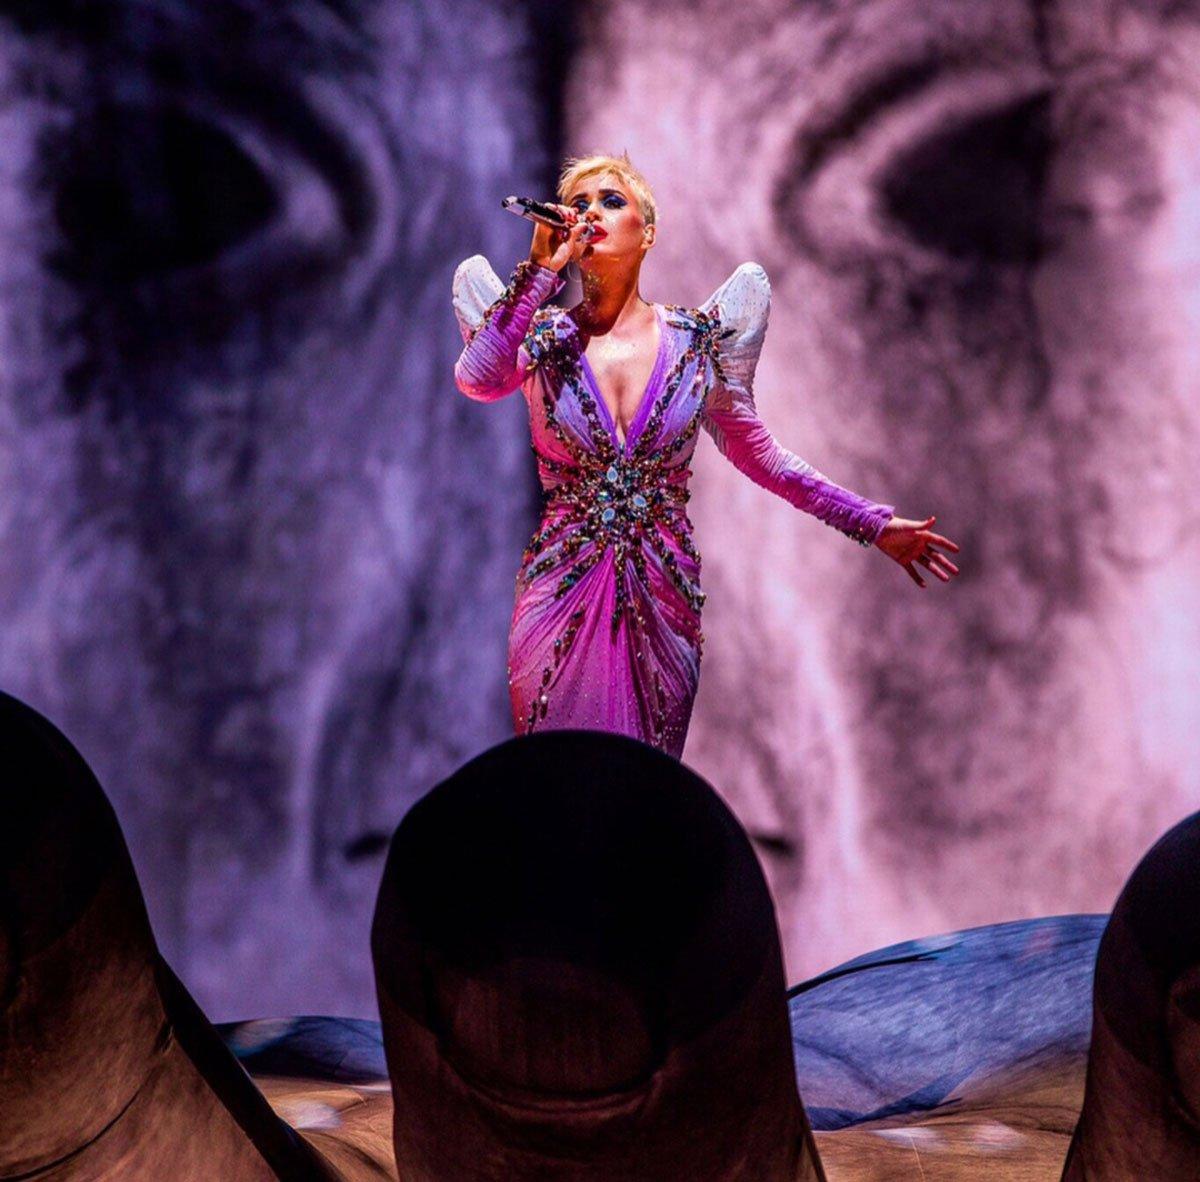 Ve final... Zaldy imzalı bol işlemeli, göğüs dekolteli elbise konserin son kıyafetiydi... Elbise balık formunda hazırlanmıştı ve Katy Perry'ye de çok yakışmıştı...